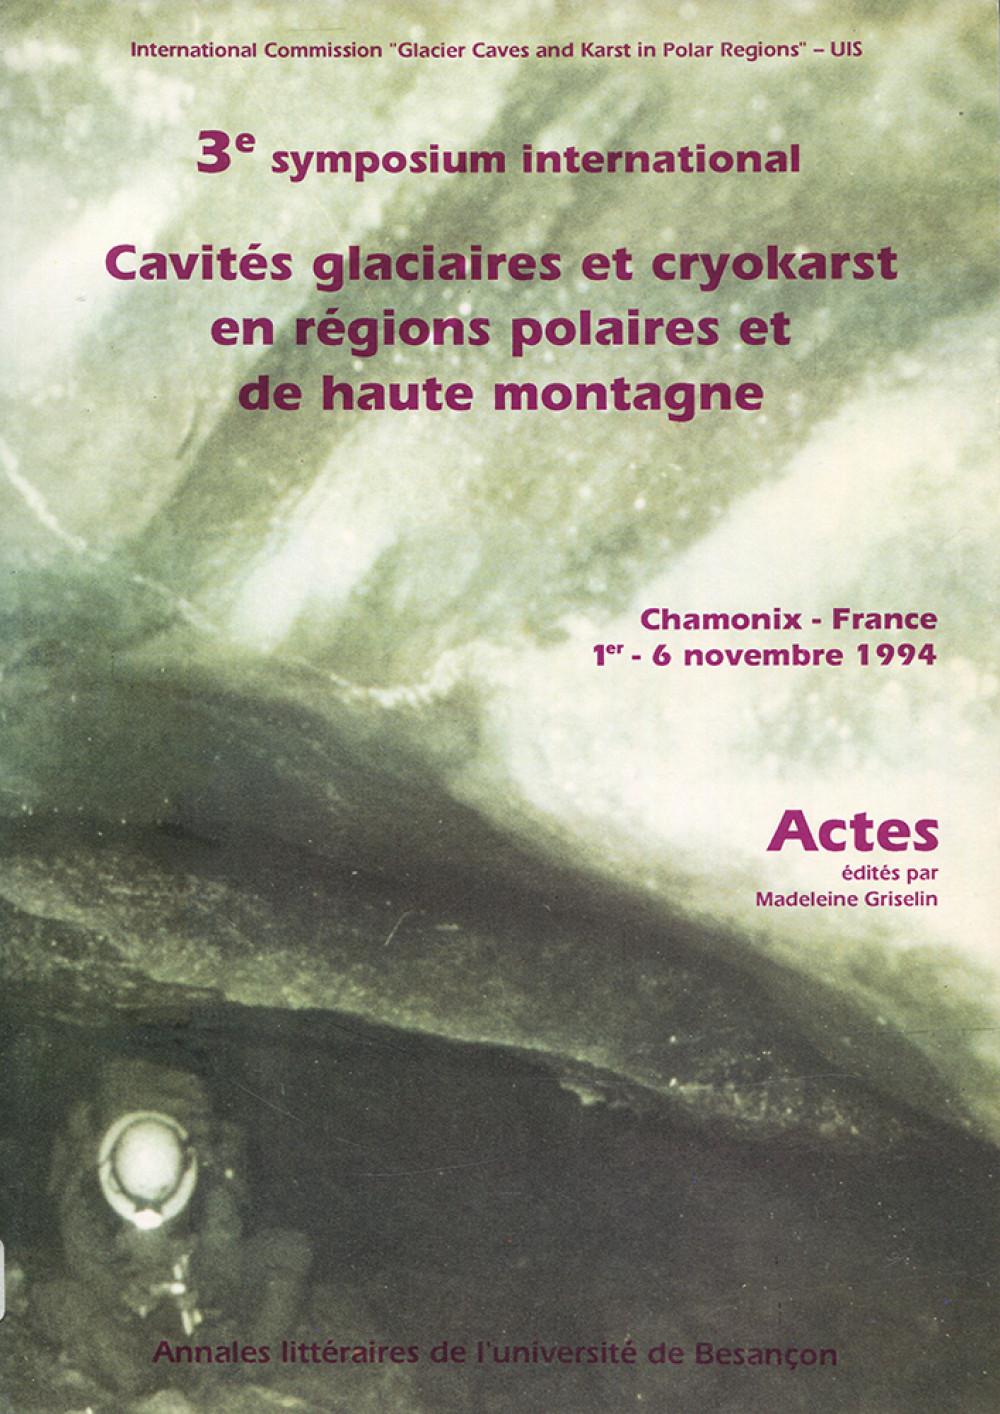 Cavités glaciaires et cryokarst en régions polaires et de haute-montagne